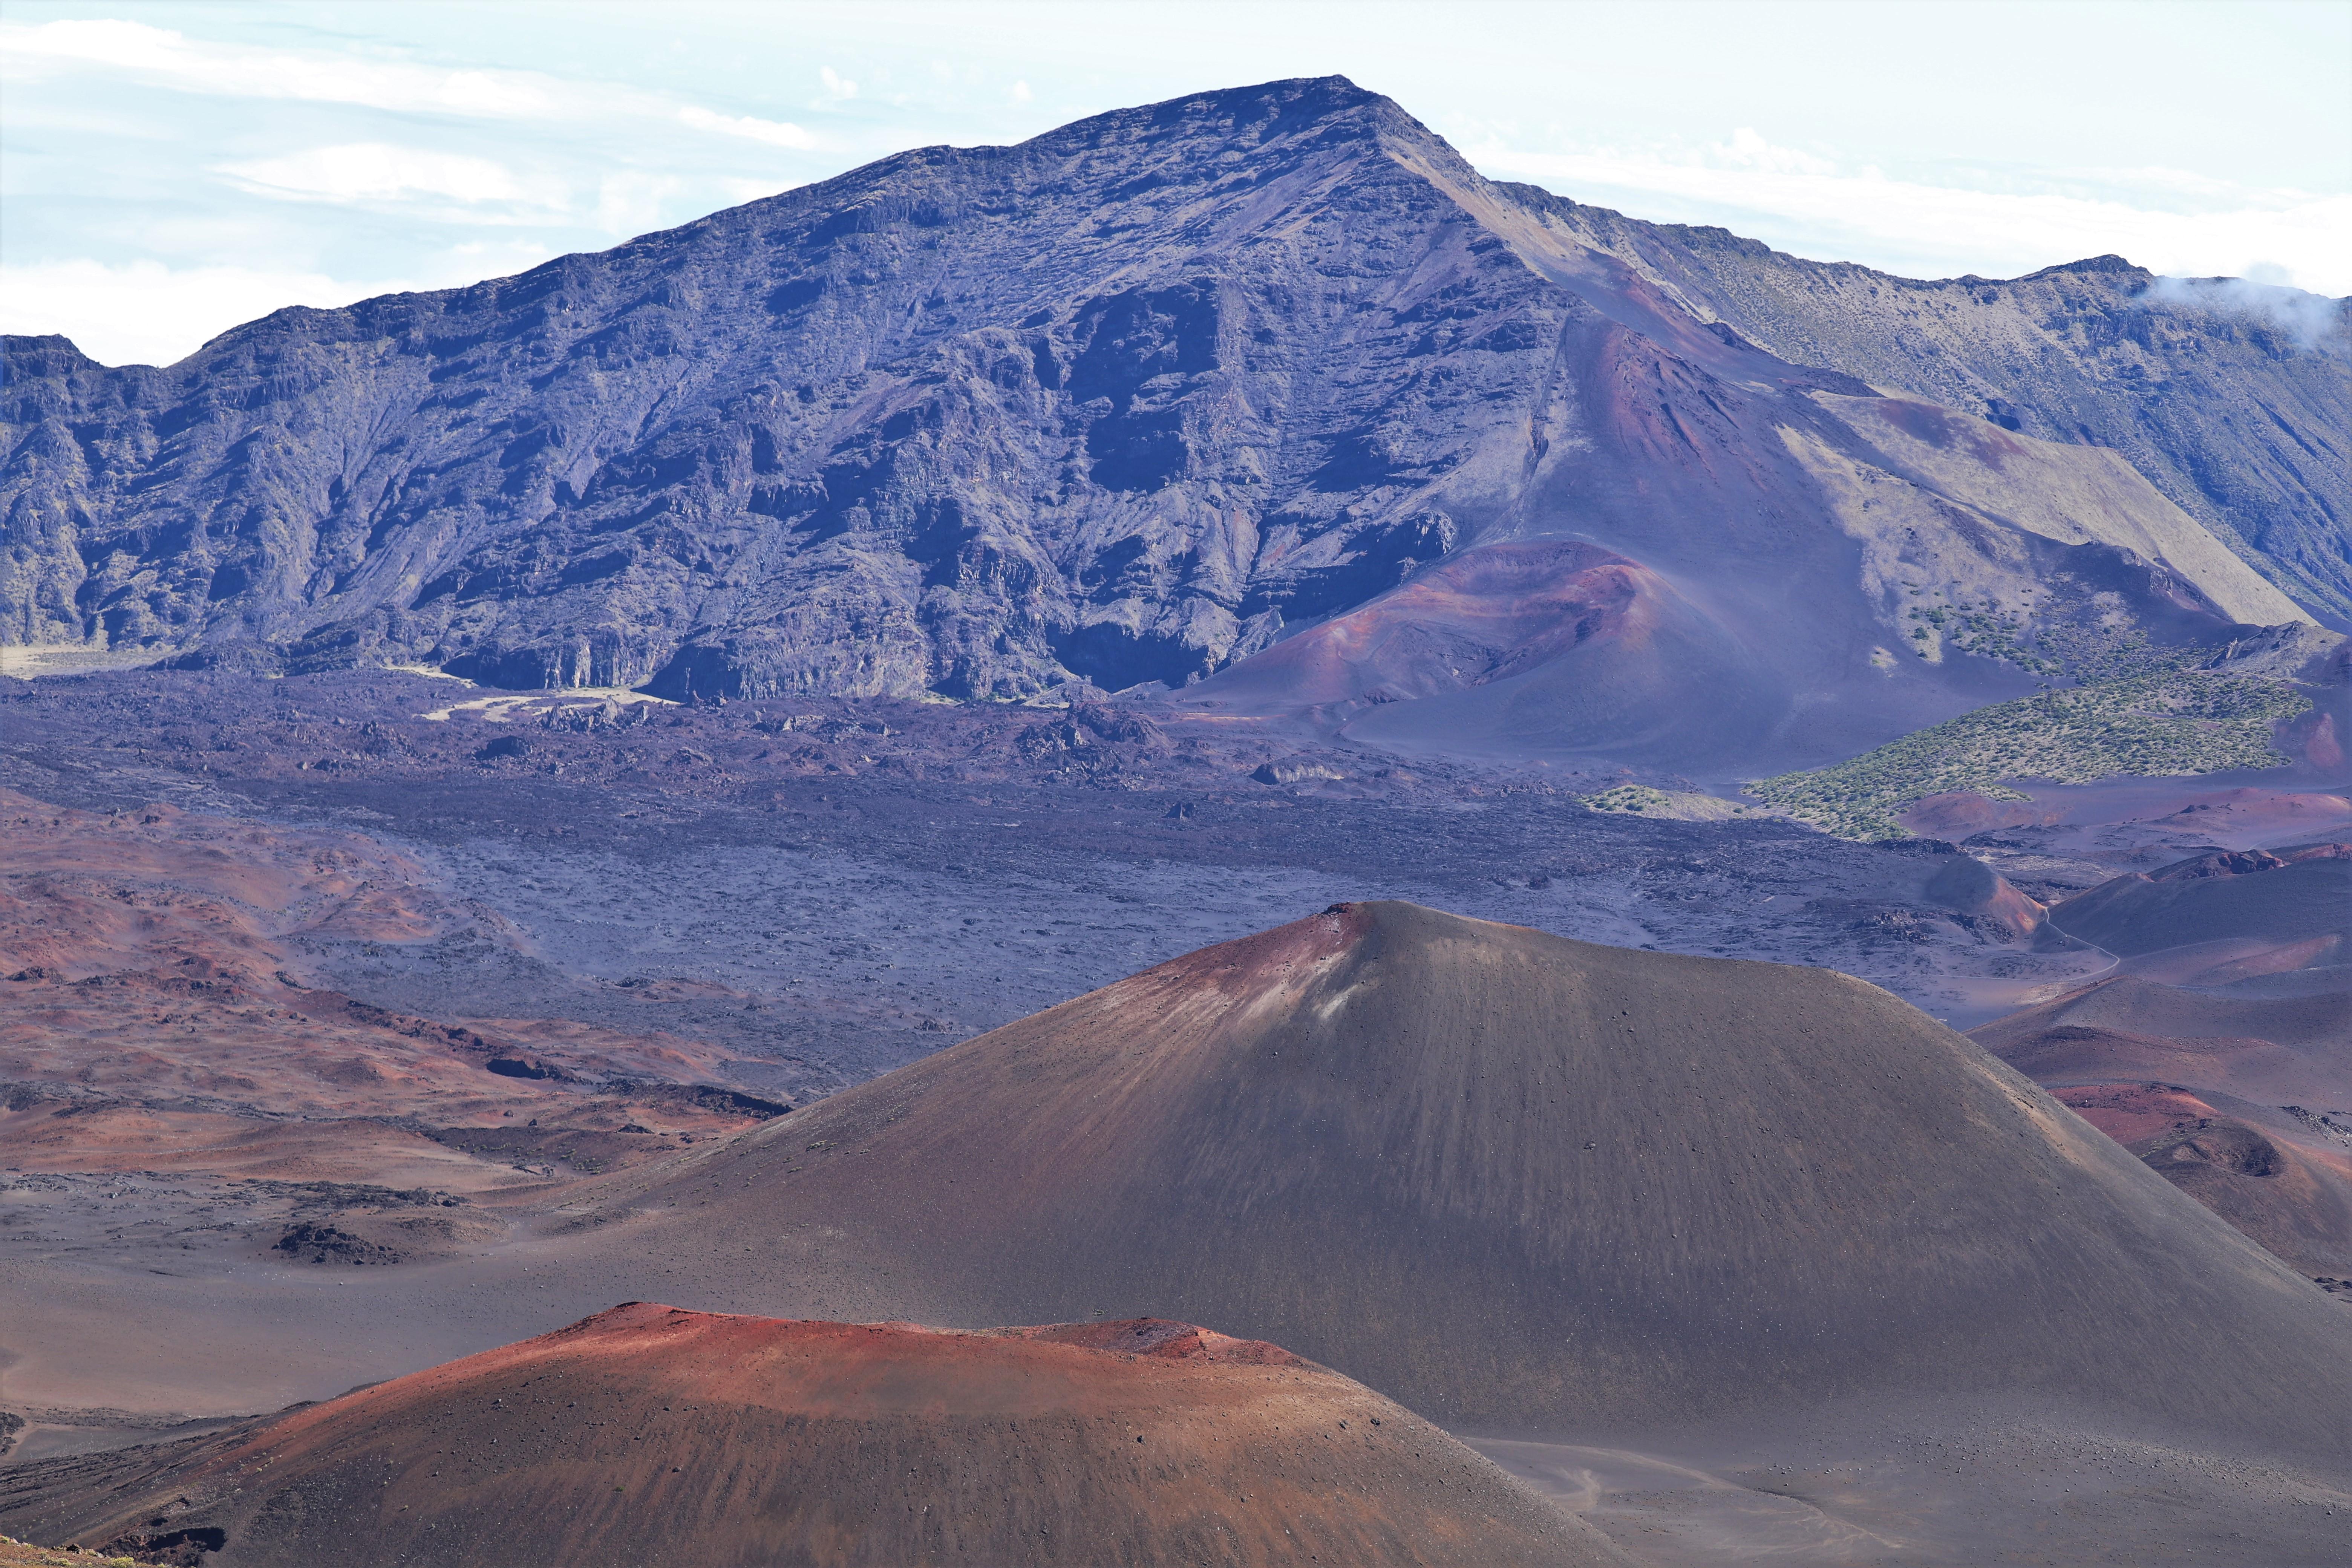 2018 11 25 67 Haleakala National Park.JPG